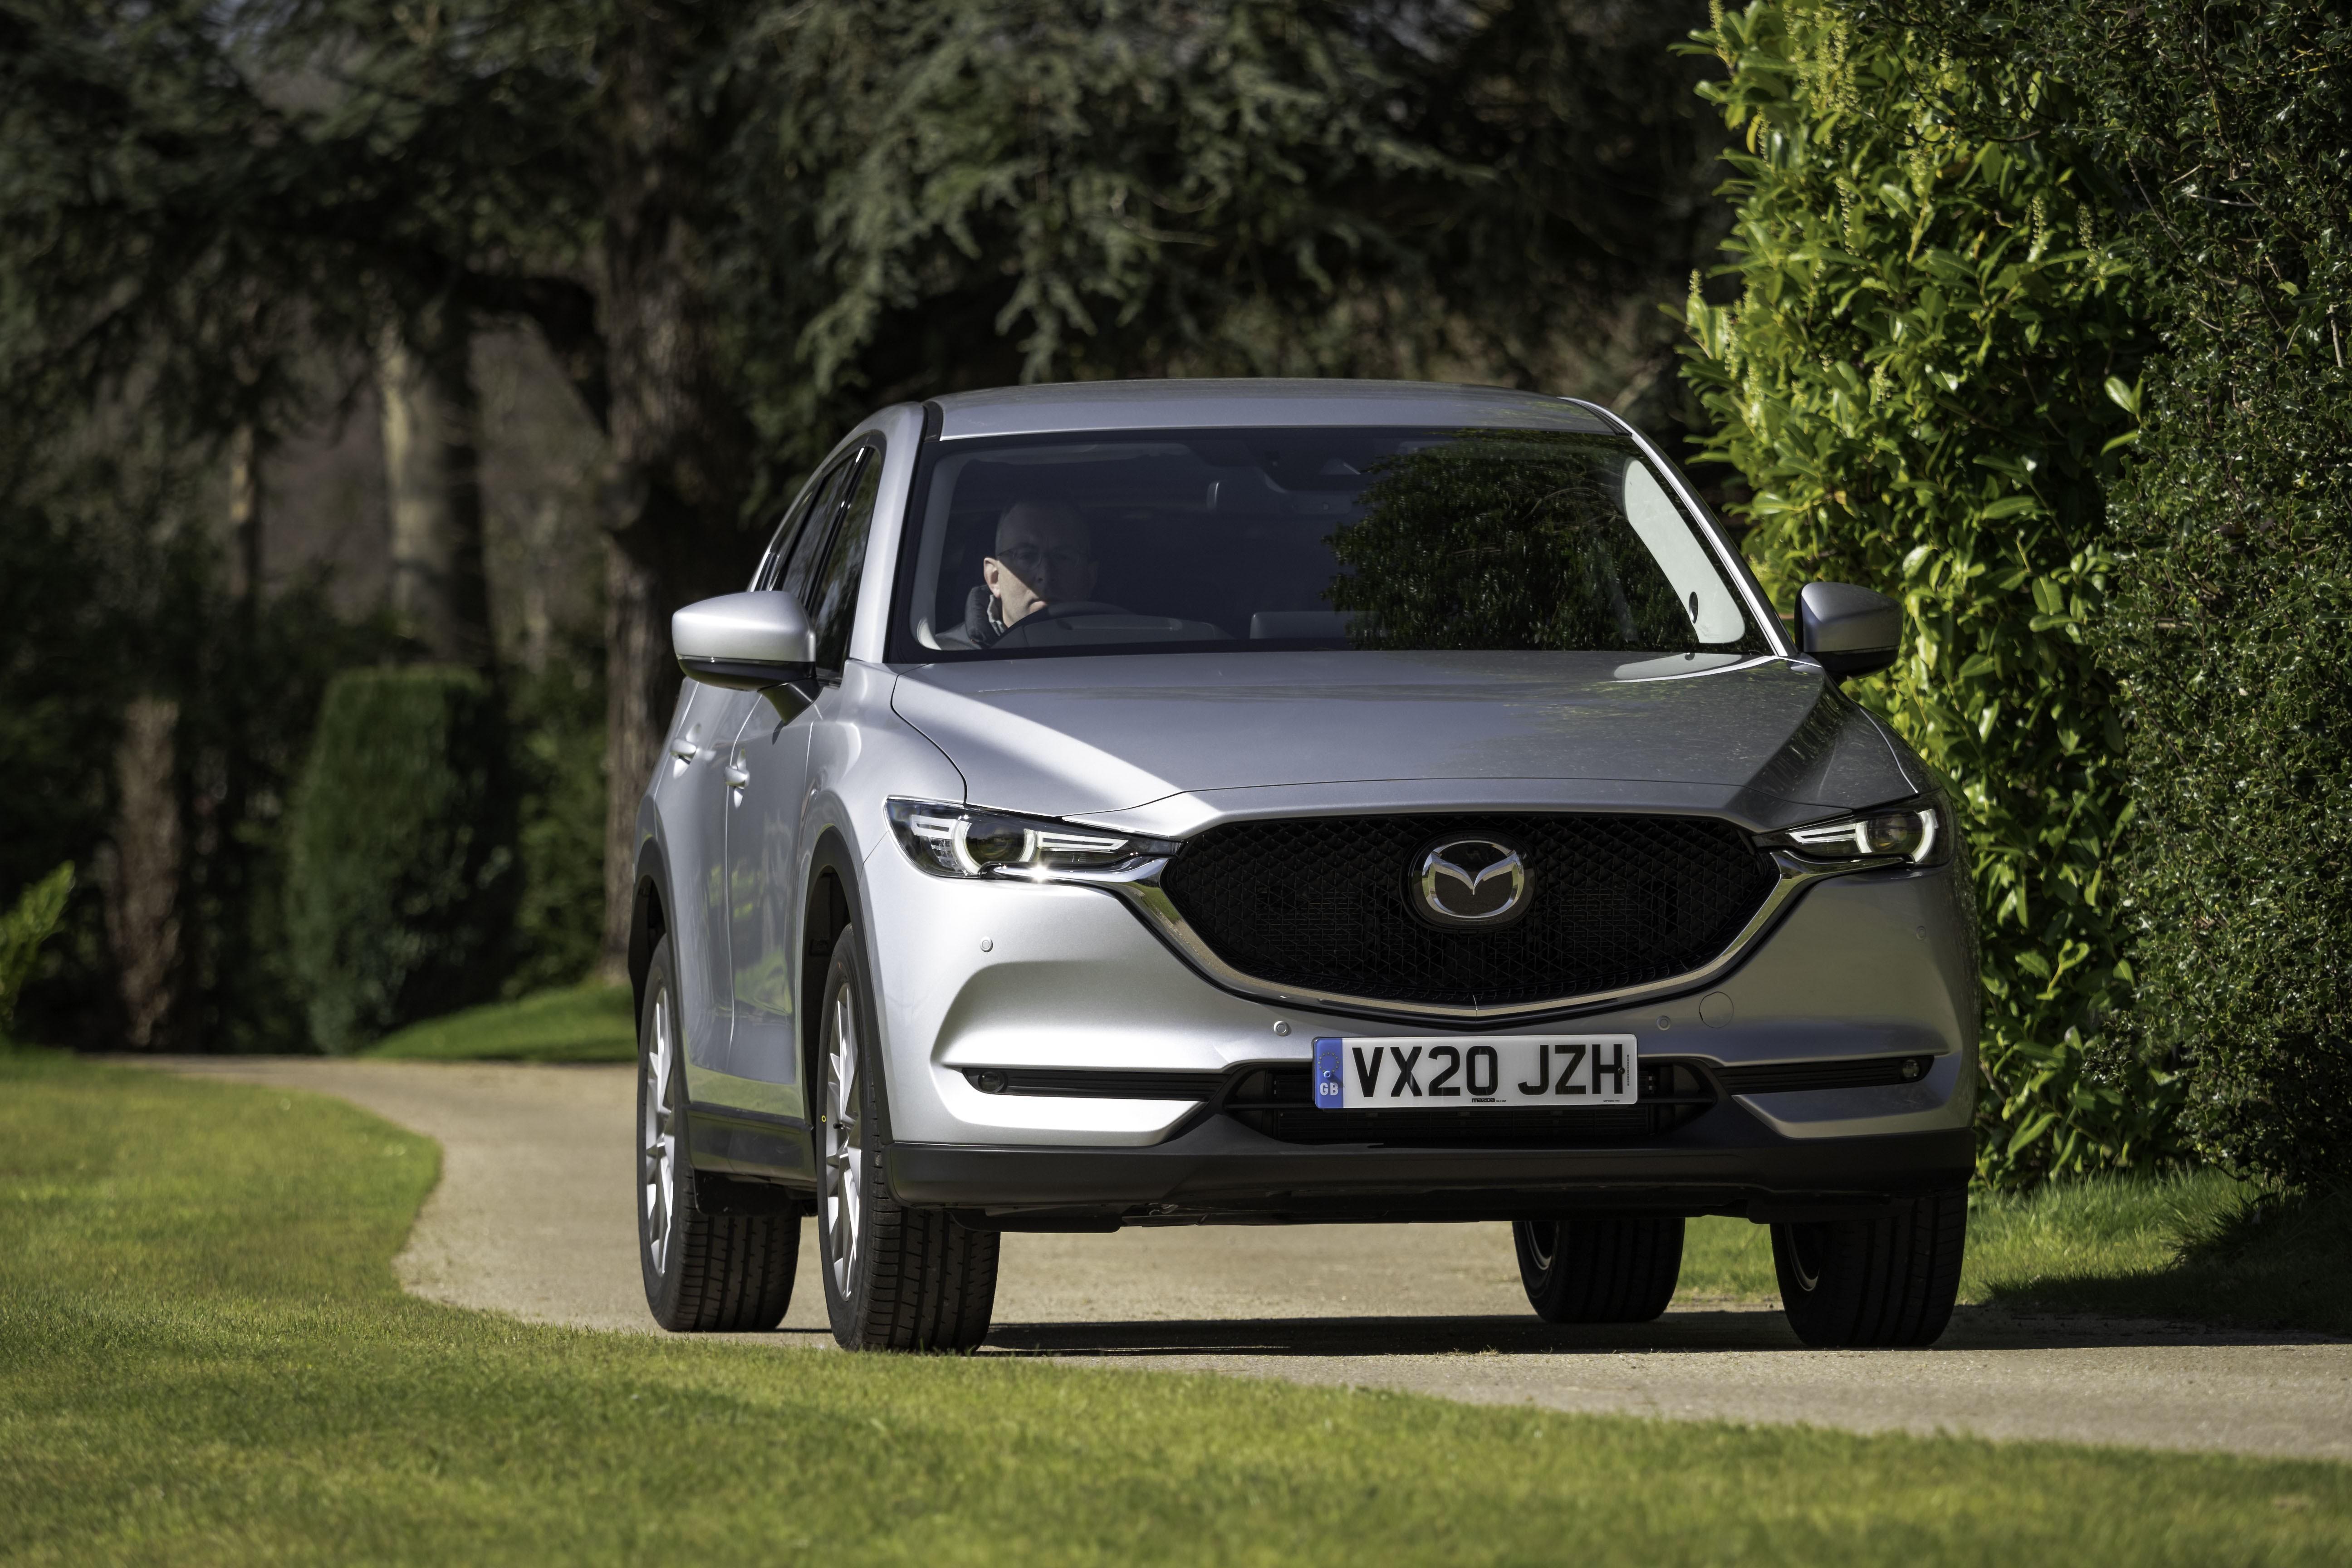 Mazda CX-5 thế hệ mới 'dấn thân' thị trường xe cao cấp? Ảnh 2